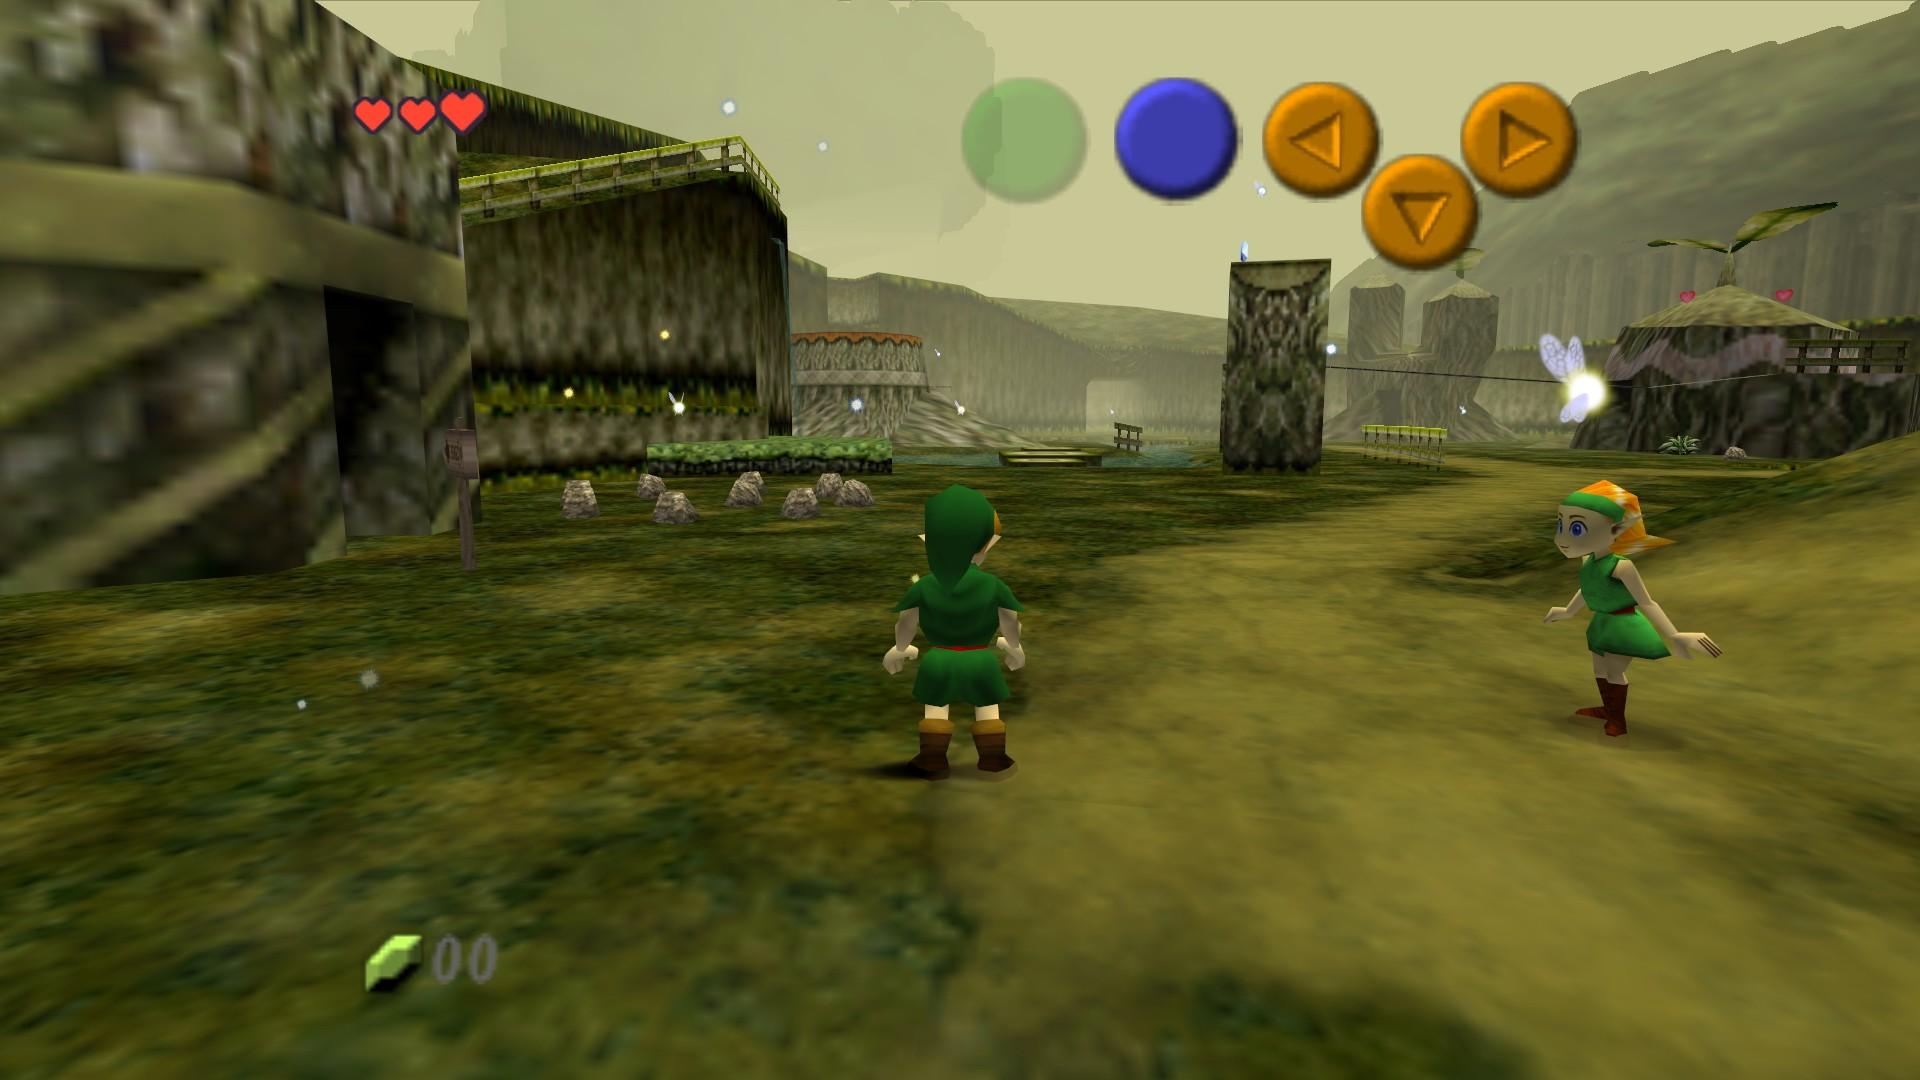 Zelda Ocarina Of Time 3d Wallpaper The Legend Of Zelda Ocarina Of Time Hd Wallpaper